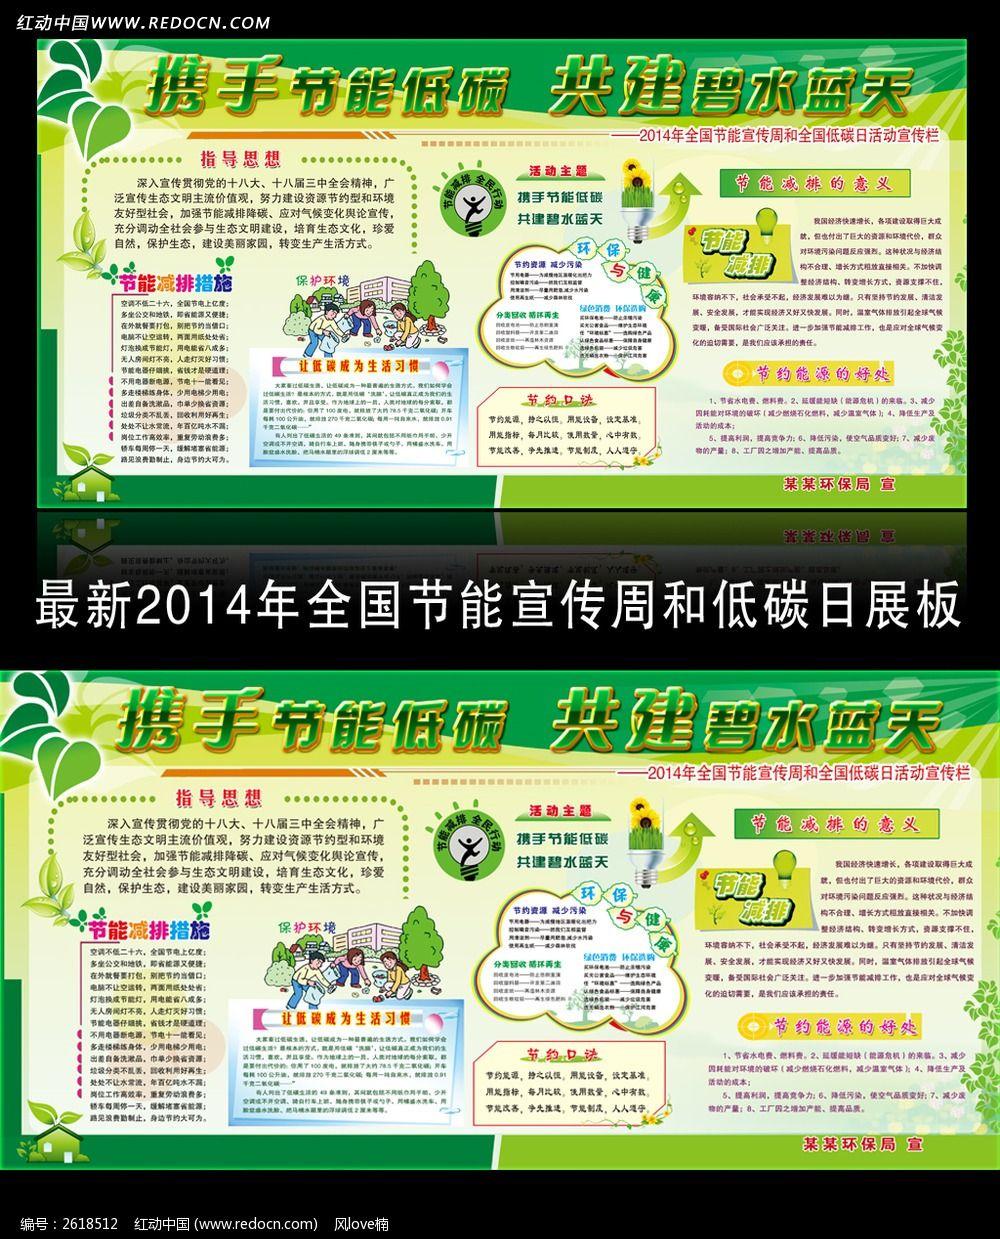 2014年节能宣传周和全国低碳日宣传展板